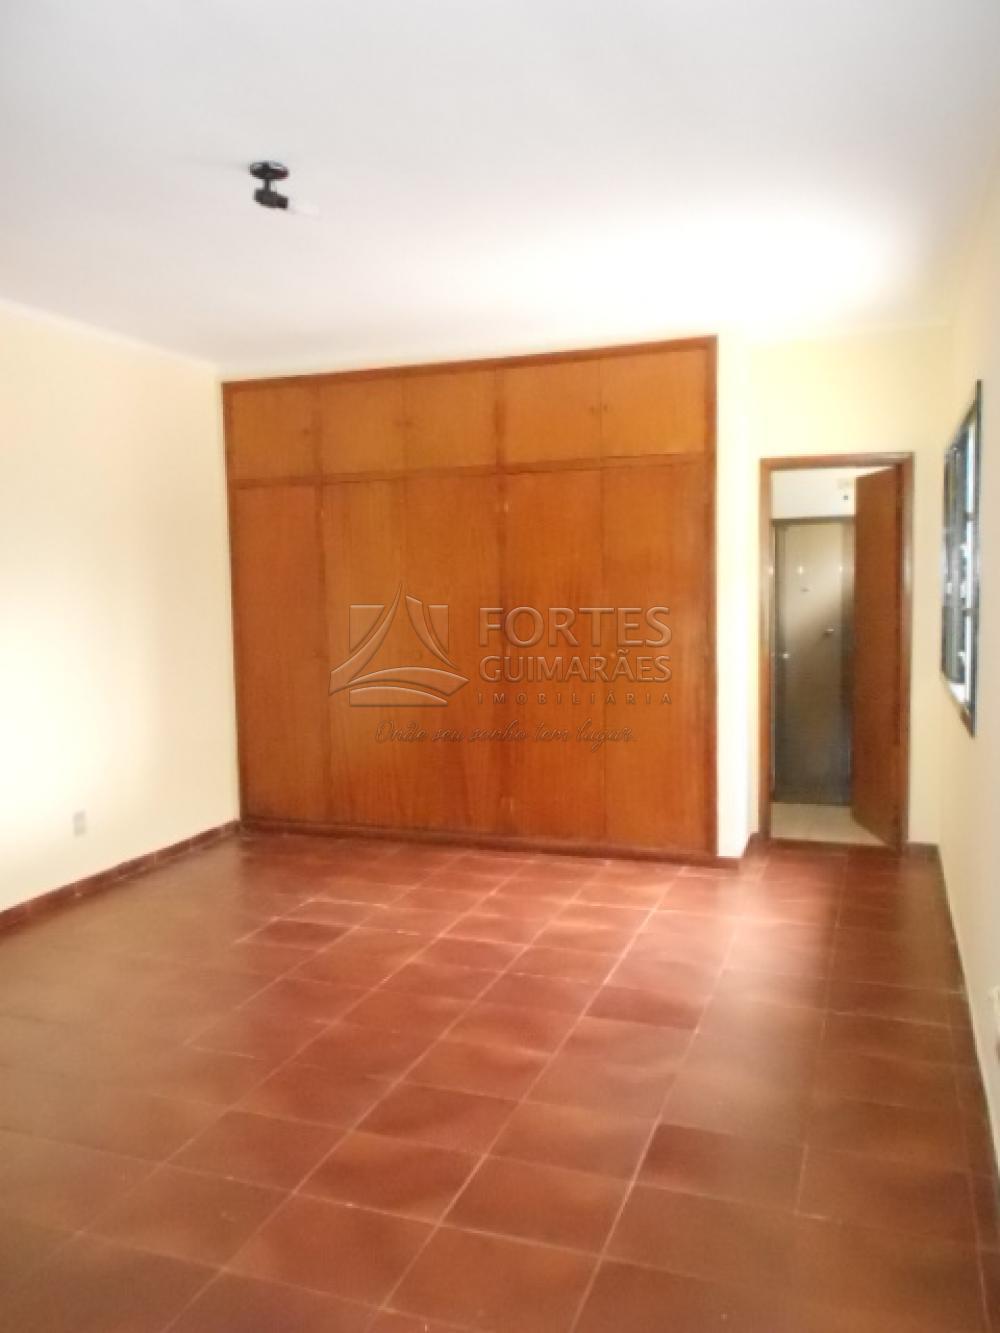 Alugar Comercial / Imóvel Comercial em Ribeirão Preto apenas R$ 5.000,00 - Foto 40